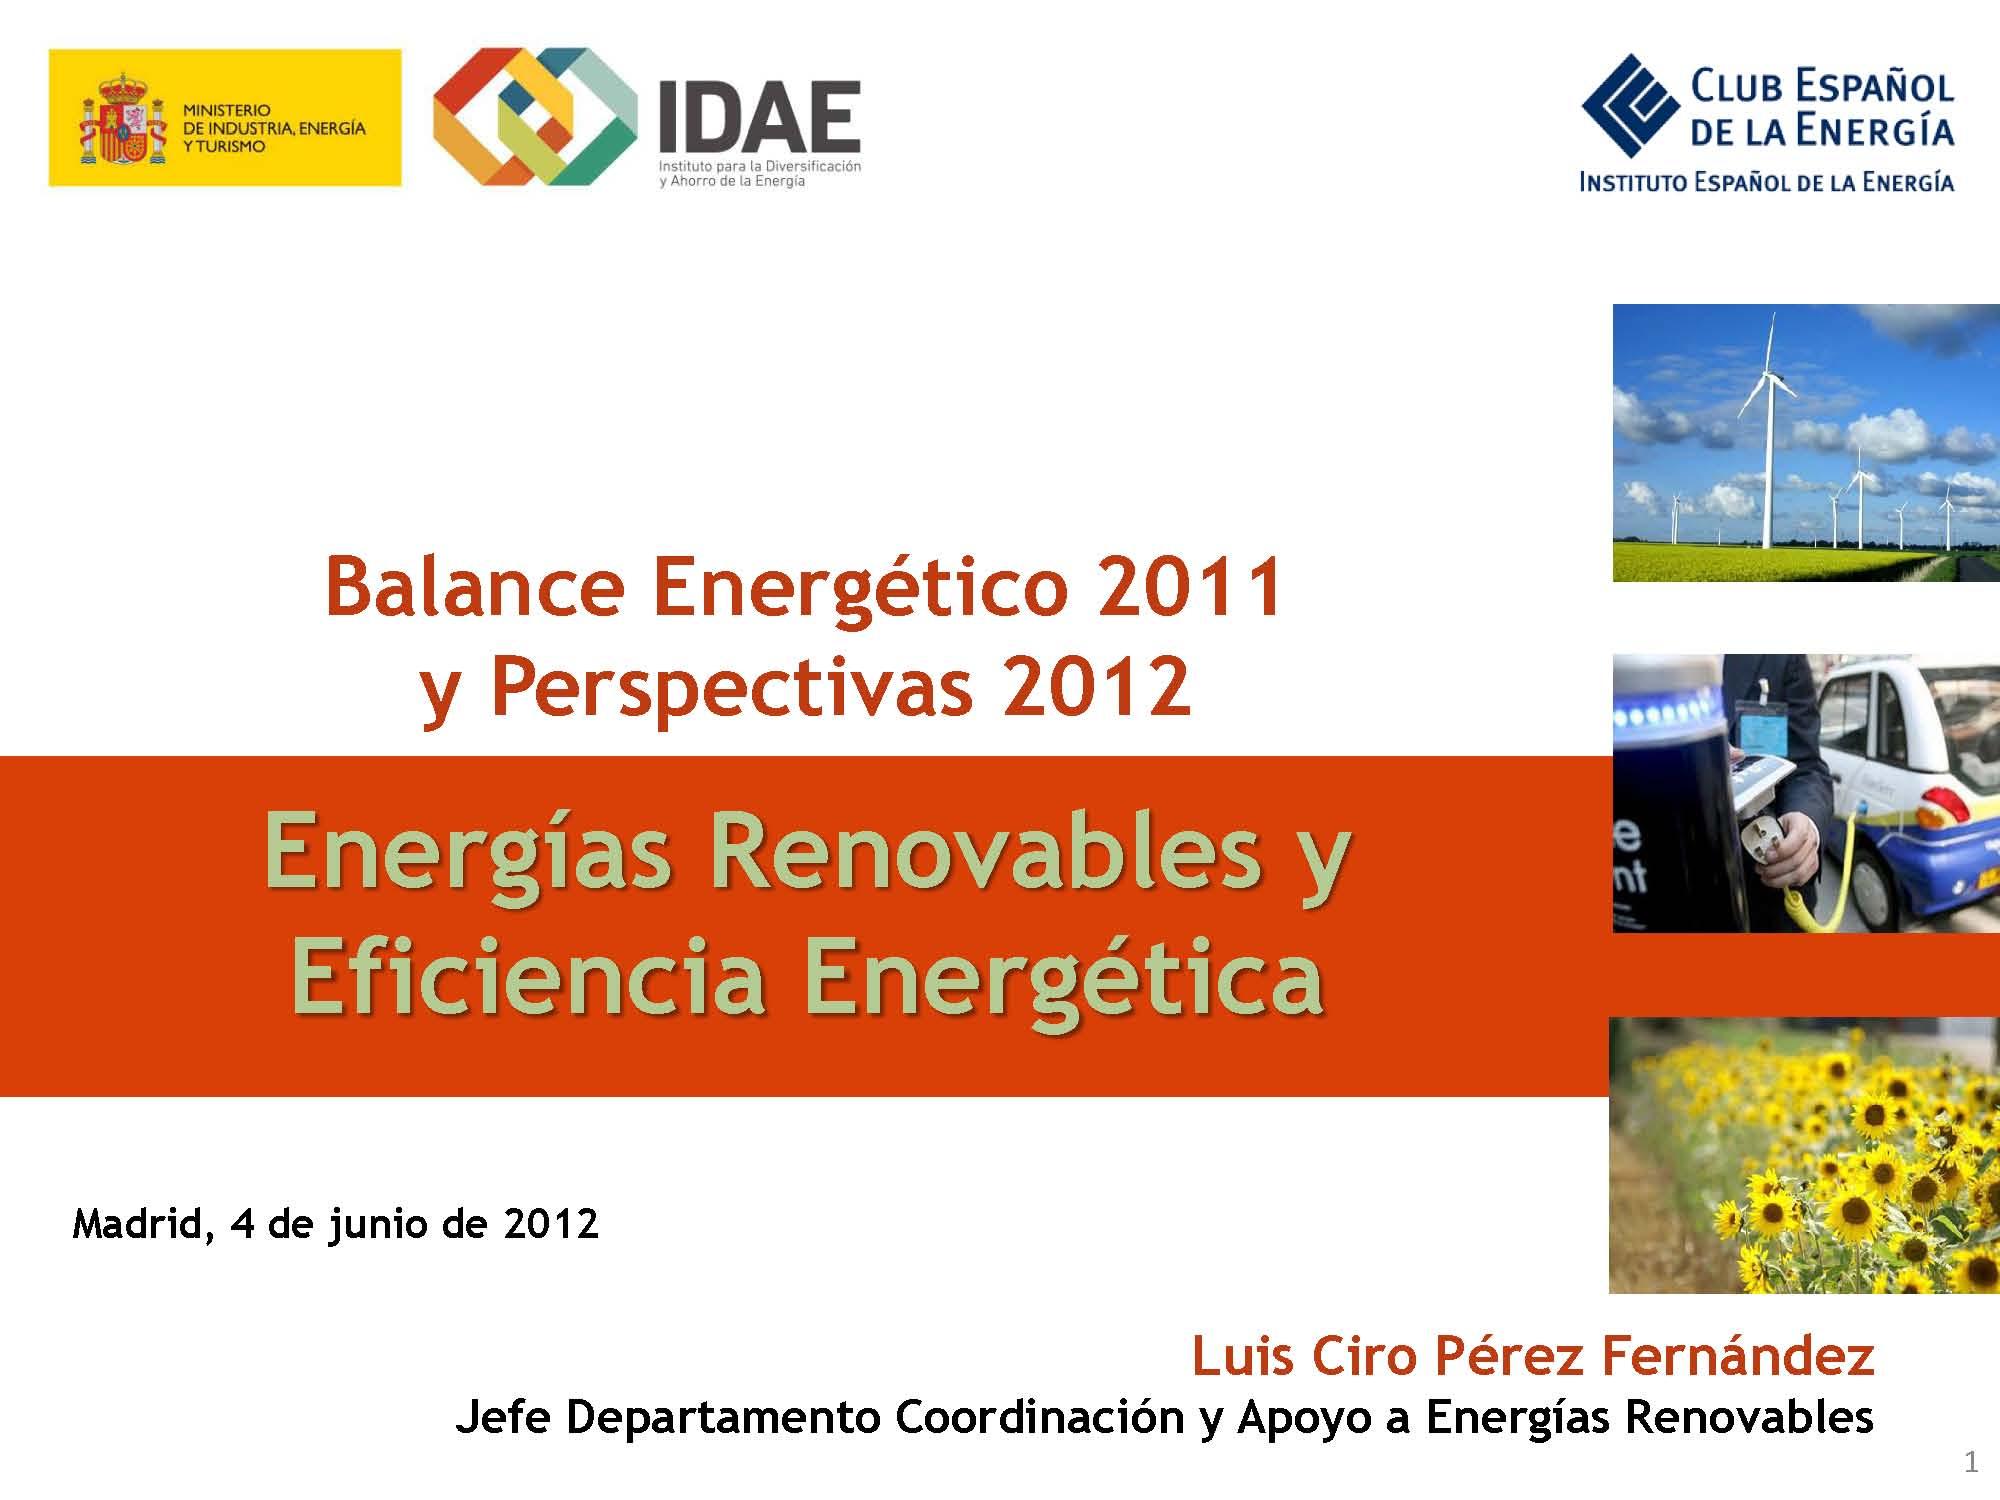 Documento de Balance Energético 2011 y Perspectivas 2012